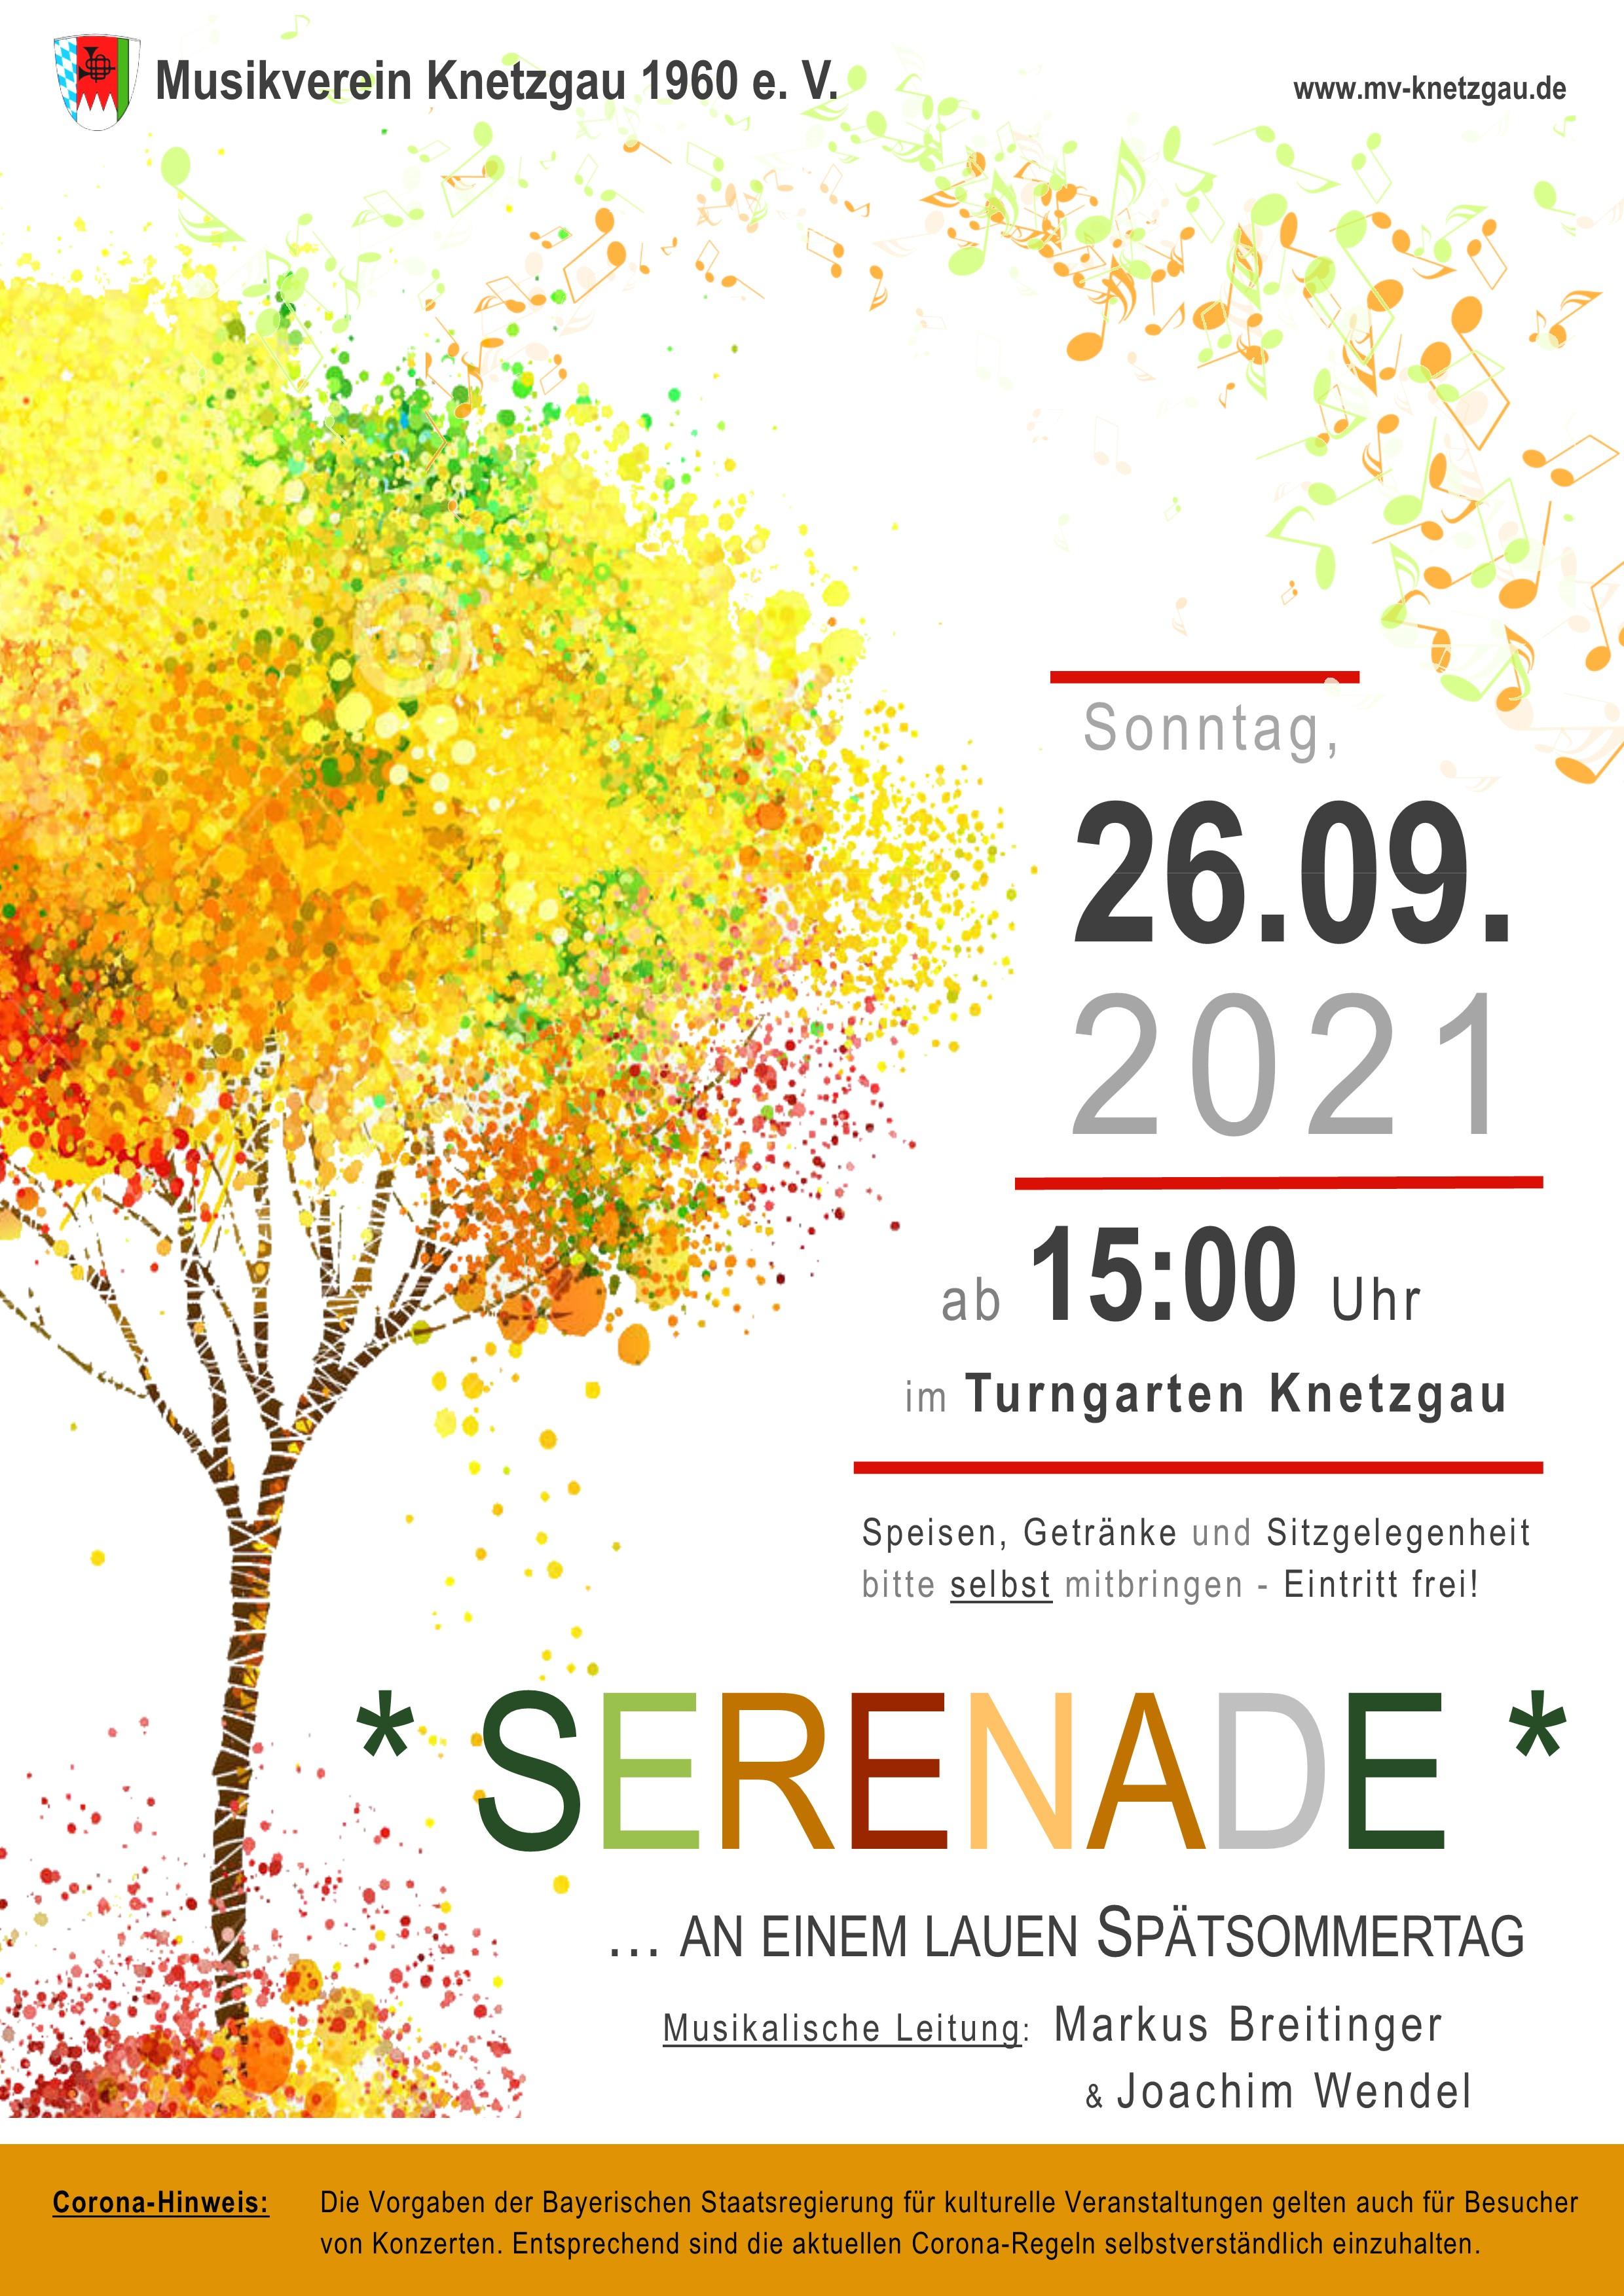 Serenade 2021